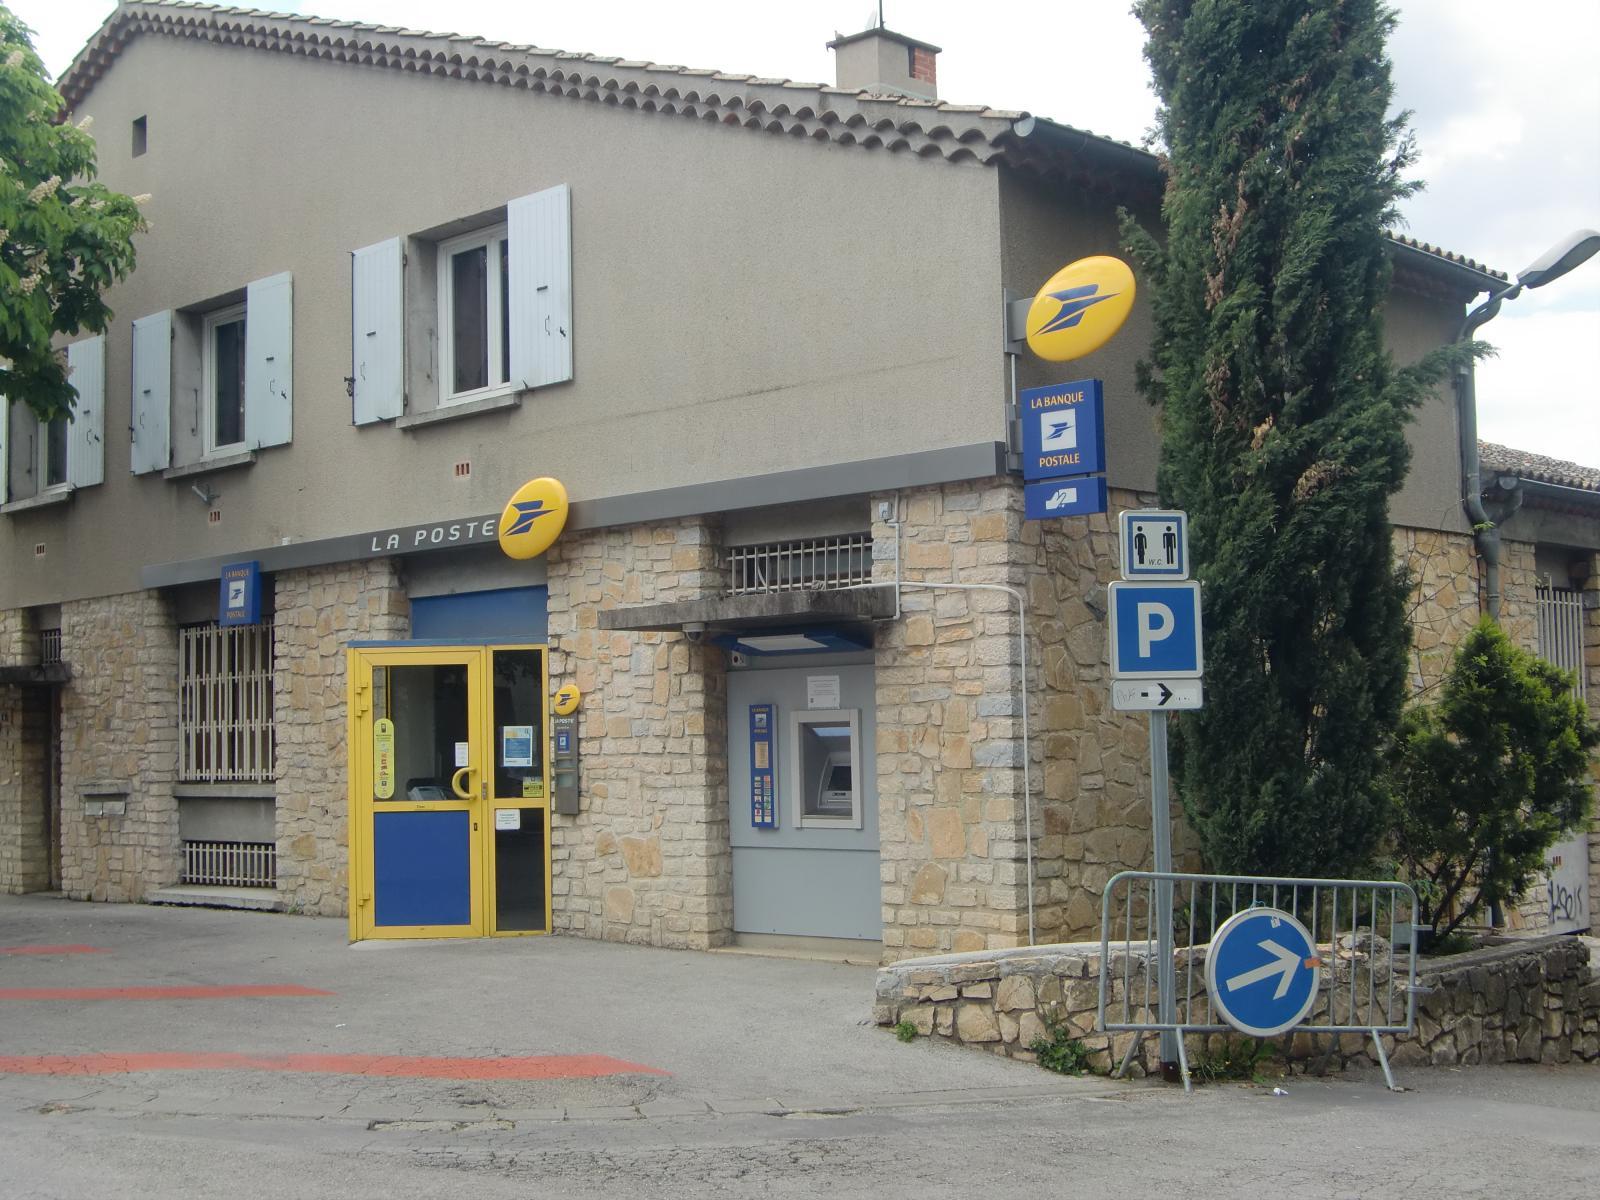 Bureau de poste Vallon Pont d Arc Vallon tourisme